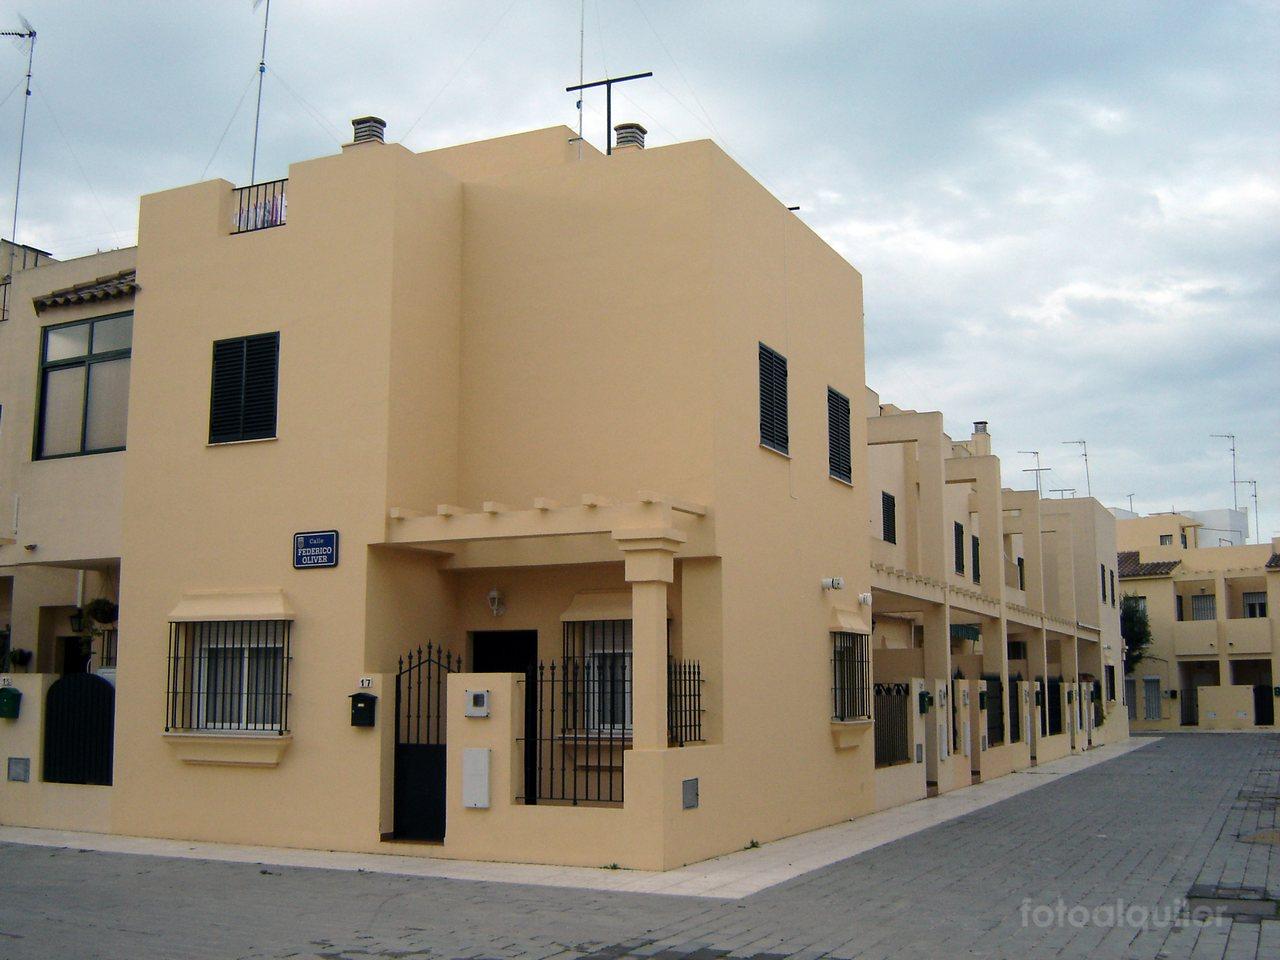 Alquiler de apartamento en Chipiona, Playa Cruz del Mar, Cádiz, ref.: a300